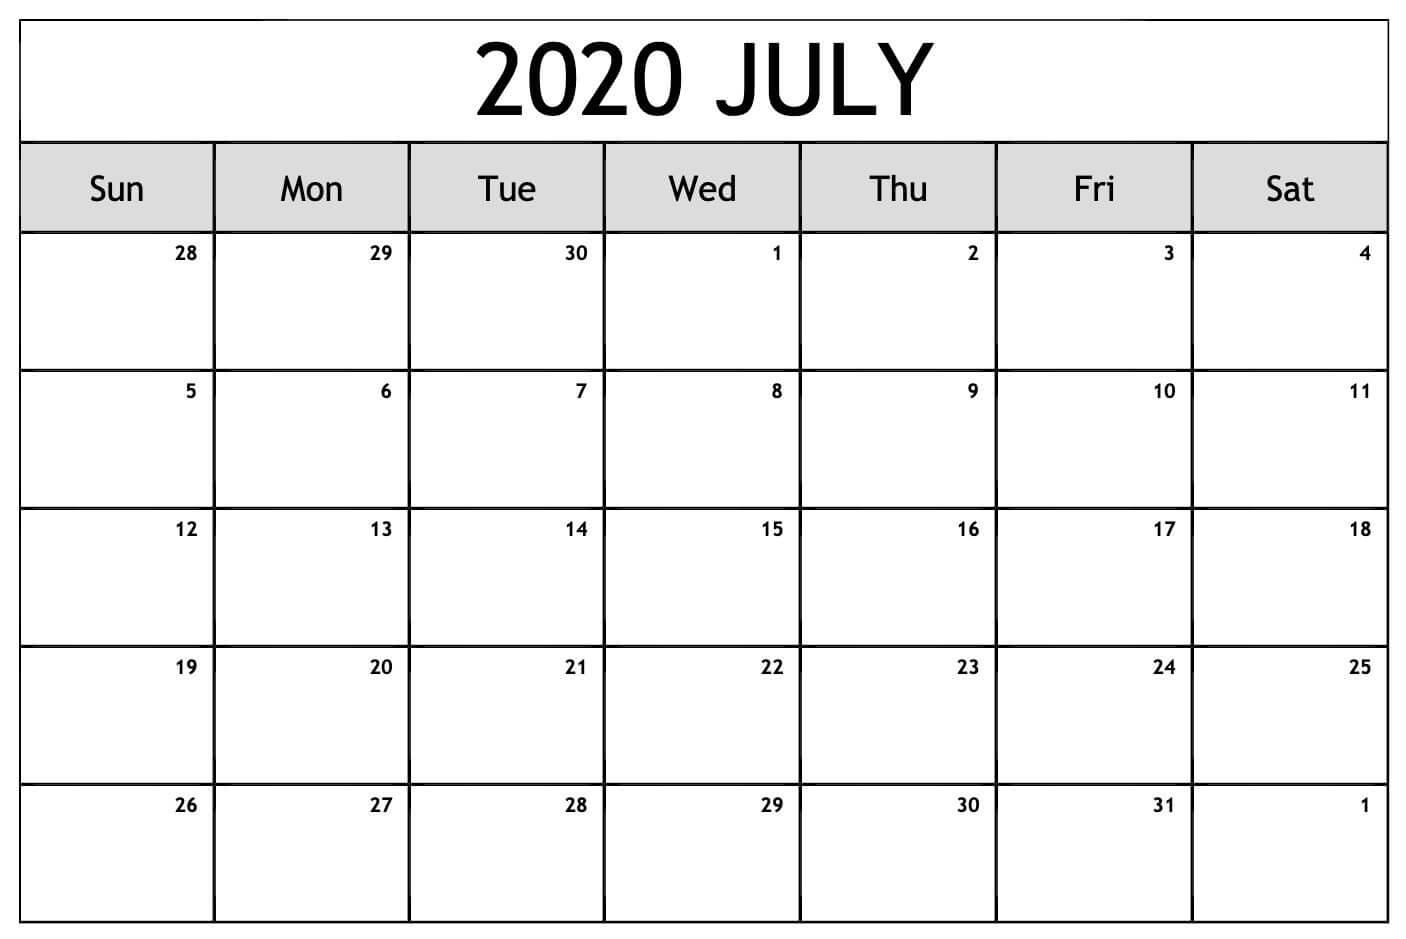 July Calendar 2020 Wallpaper